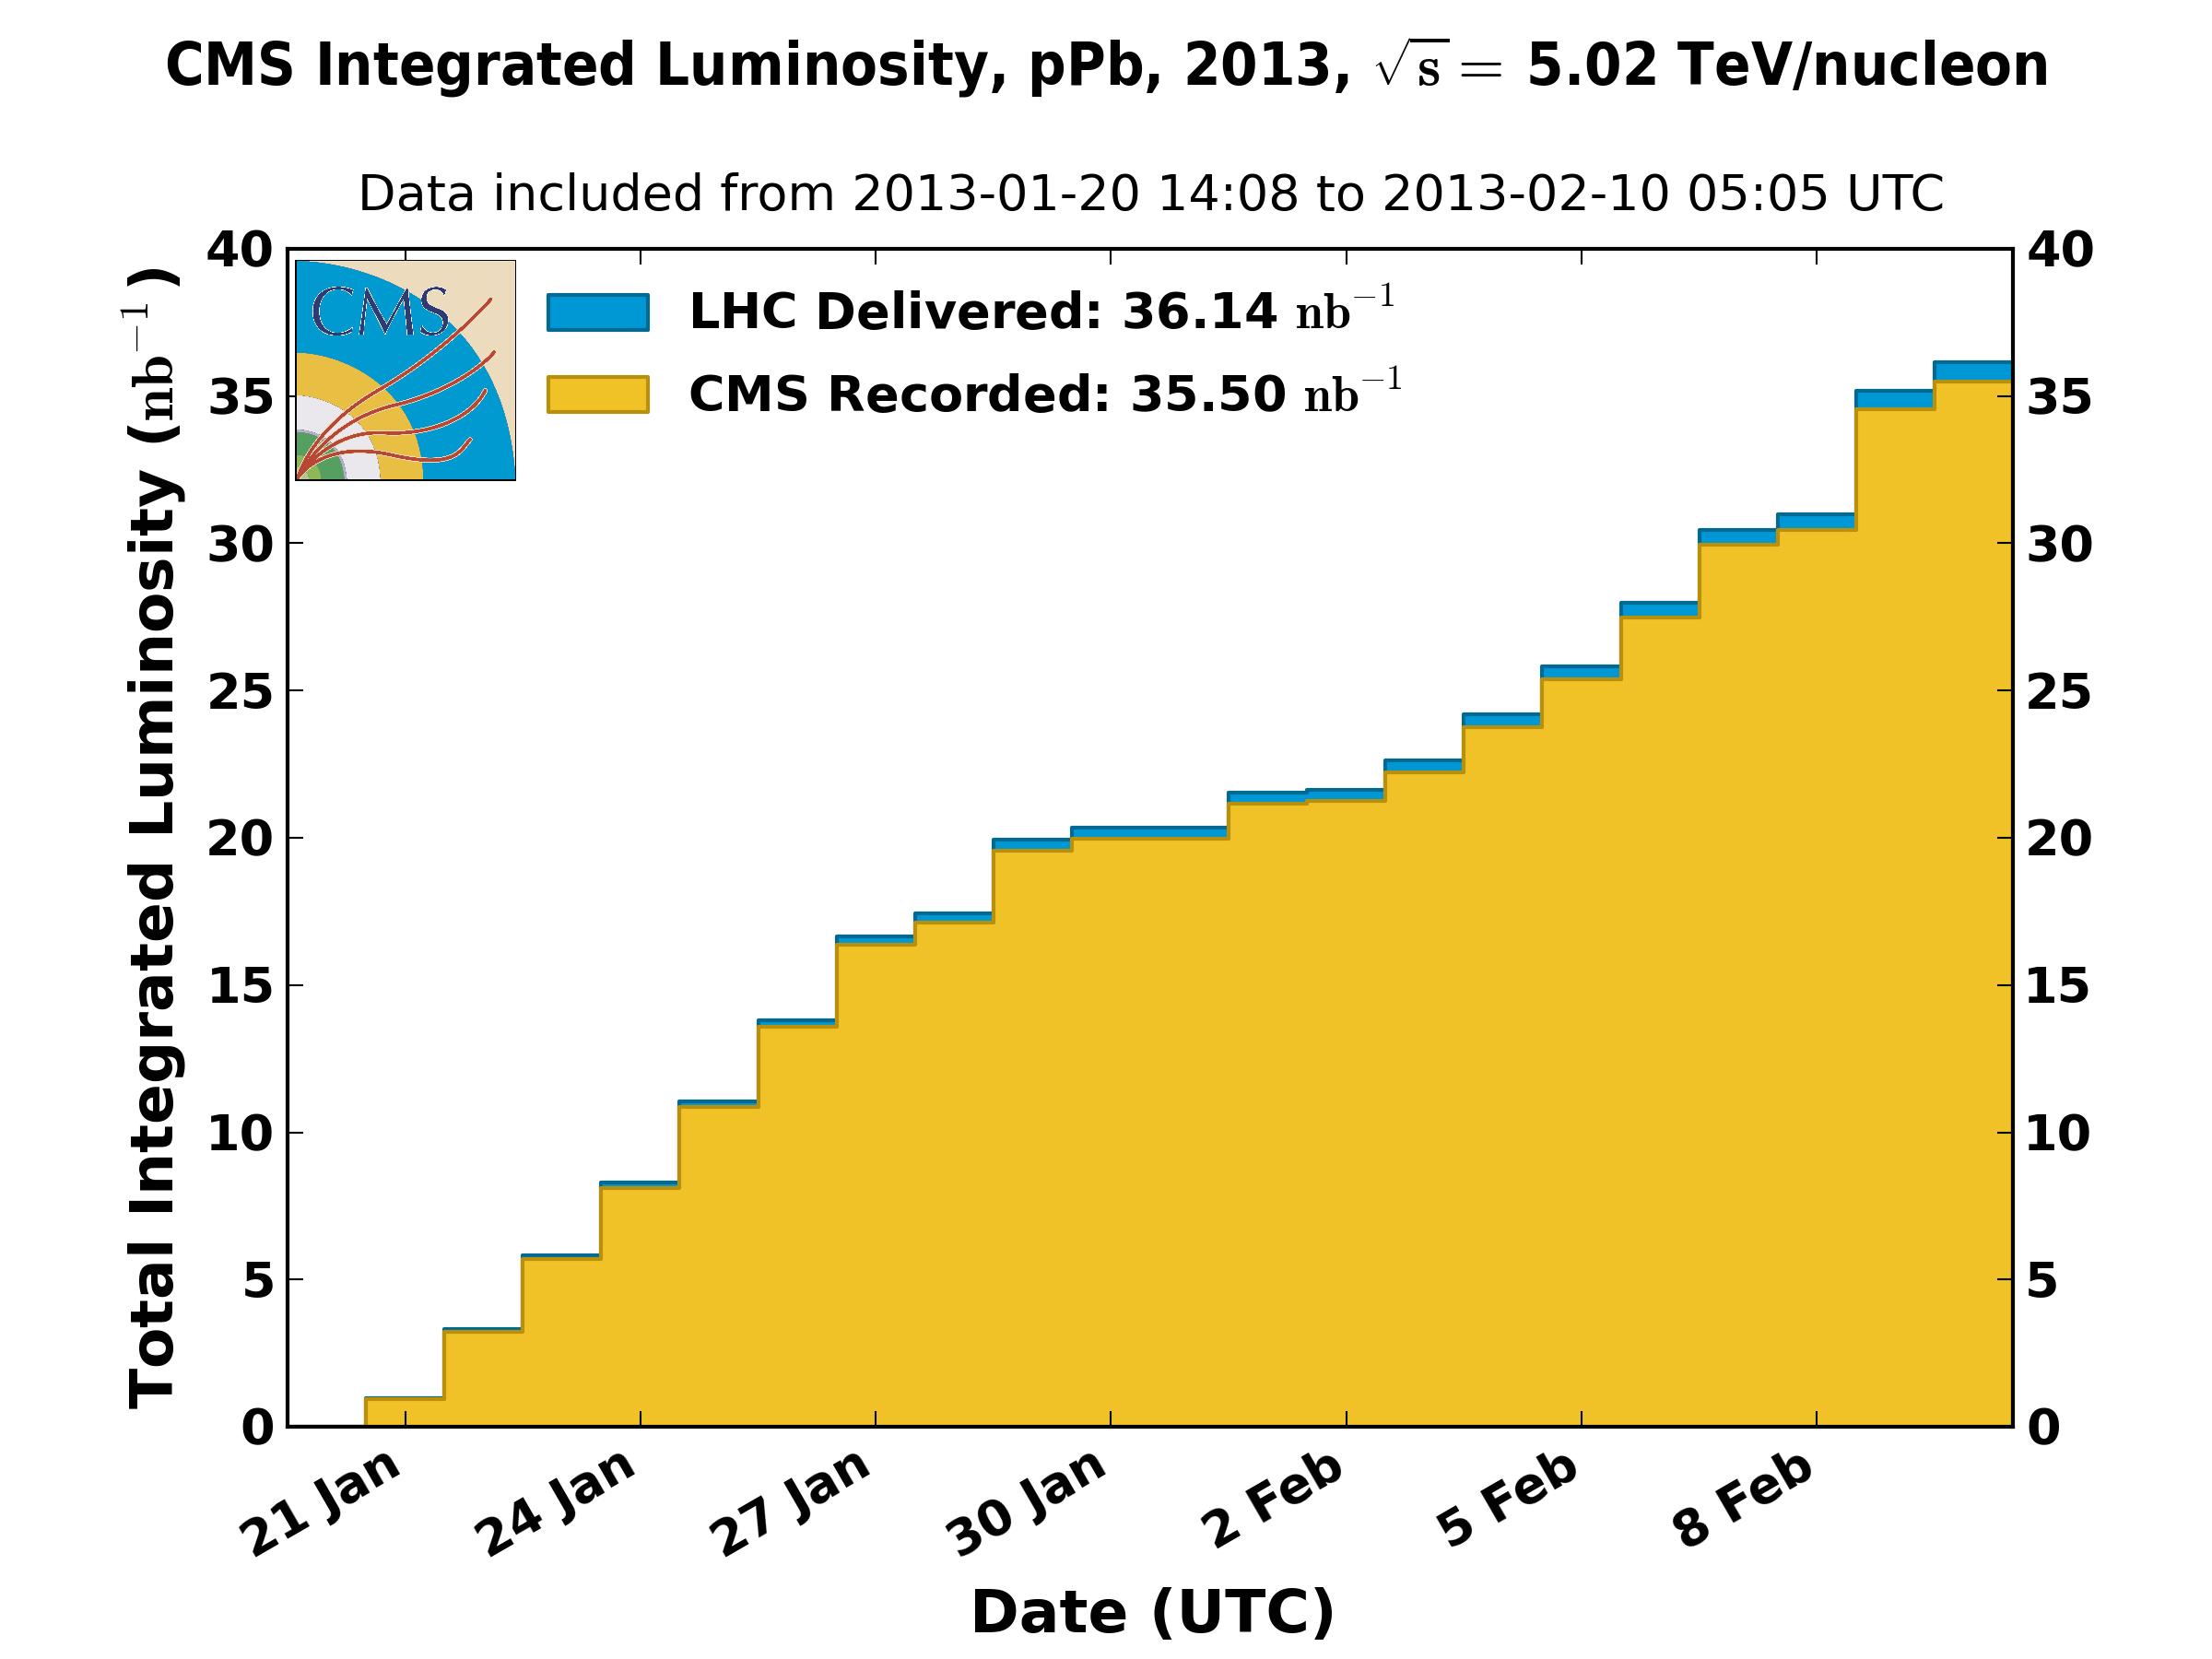 https://cern.ch/cmslumi/publicplots/int_lumi_per_day_cumulative_ppb_2013.png